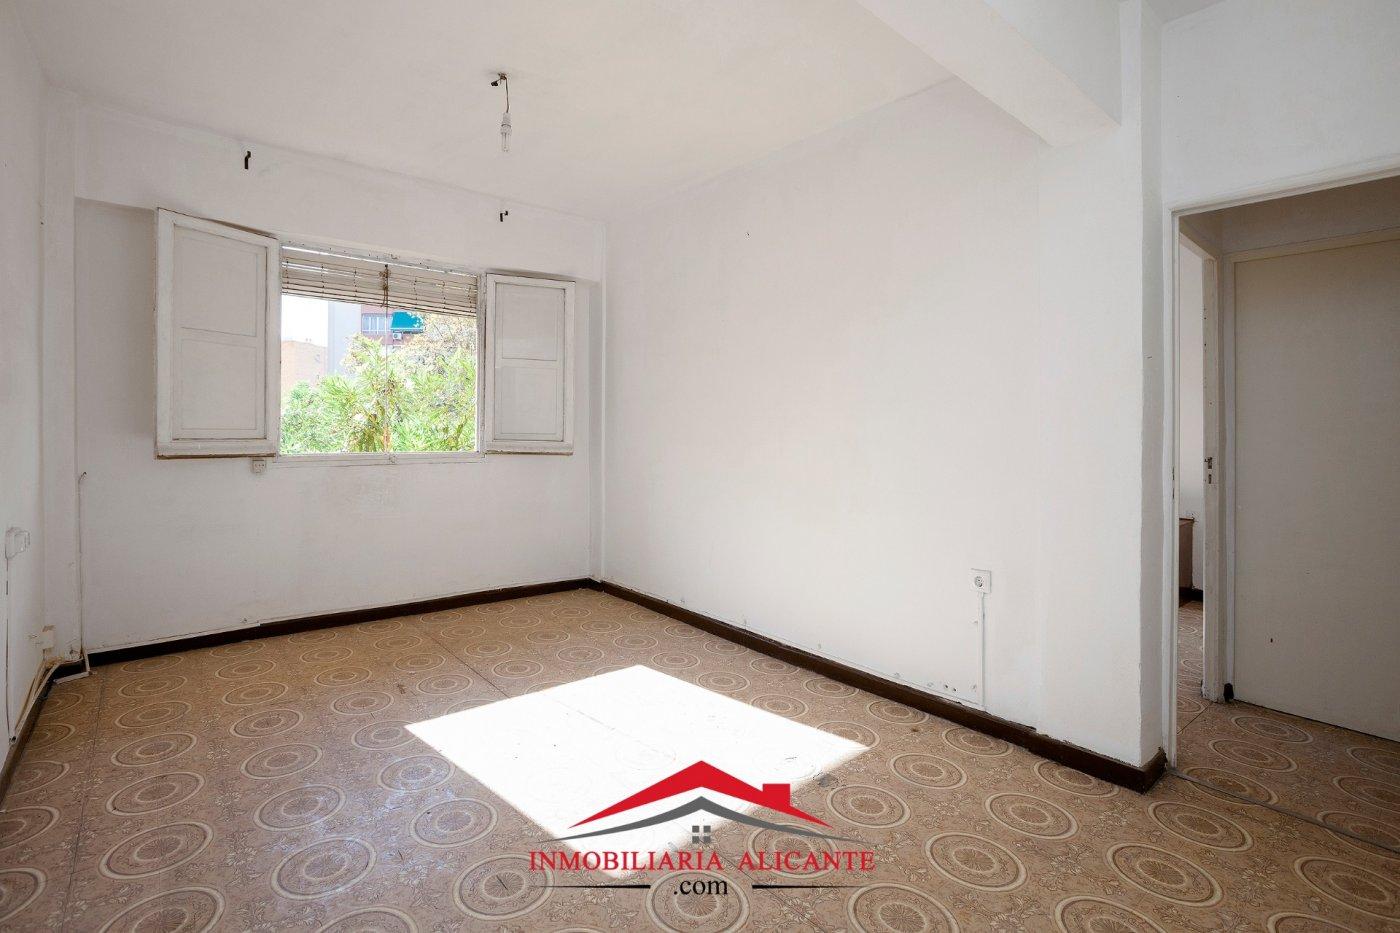 piso en alicante · pla-del-bon-repos 49000€